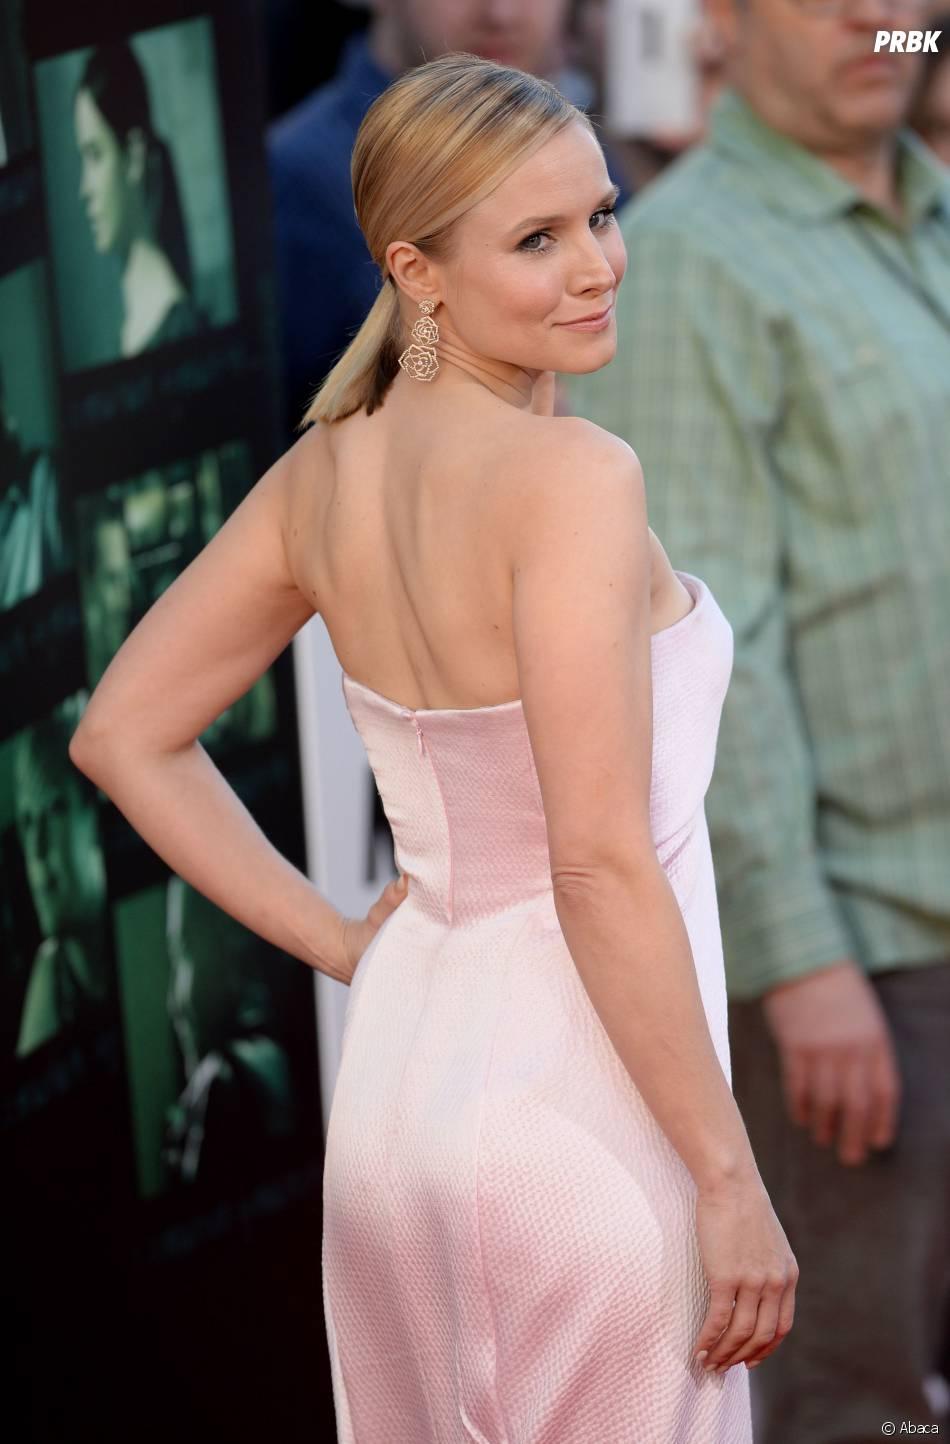 Kristen Bell dans une robe J Mendel, le 12 mars 2014 à LA pour l'avant-première du film Veronica Mars